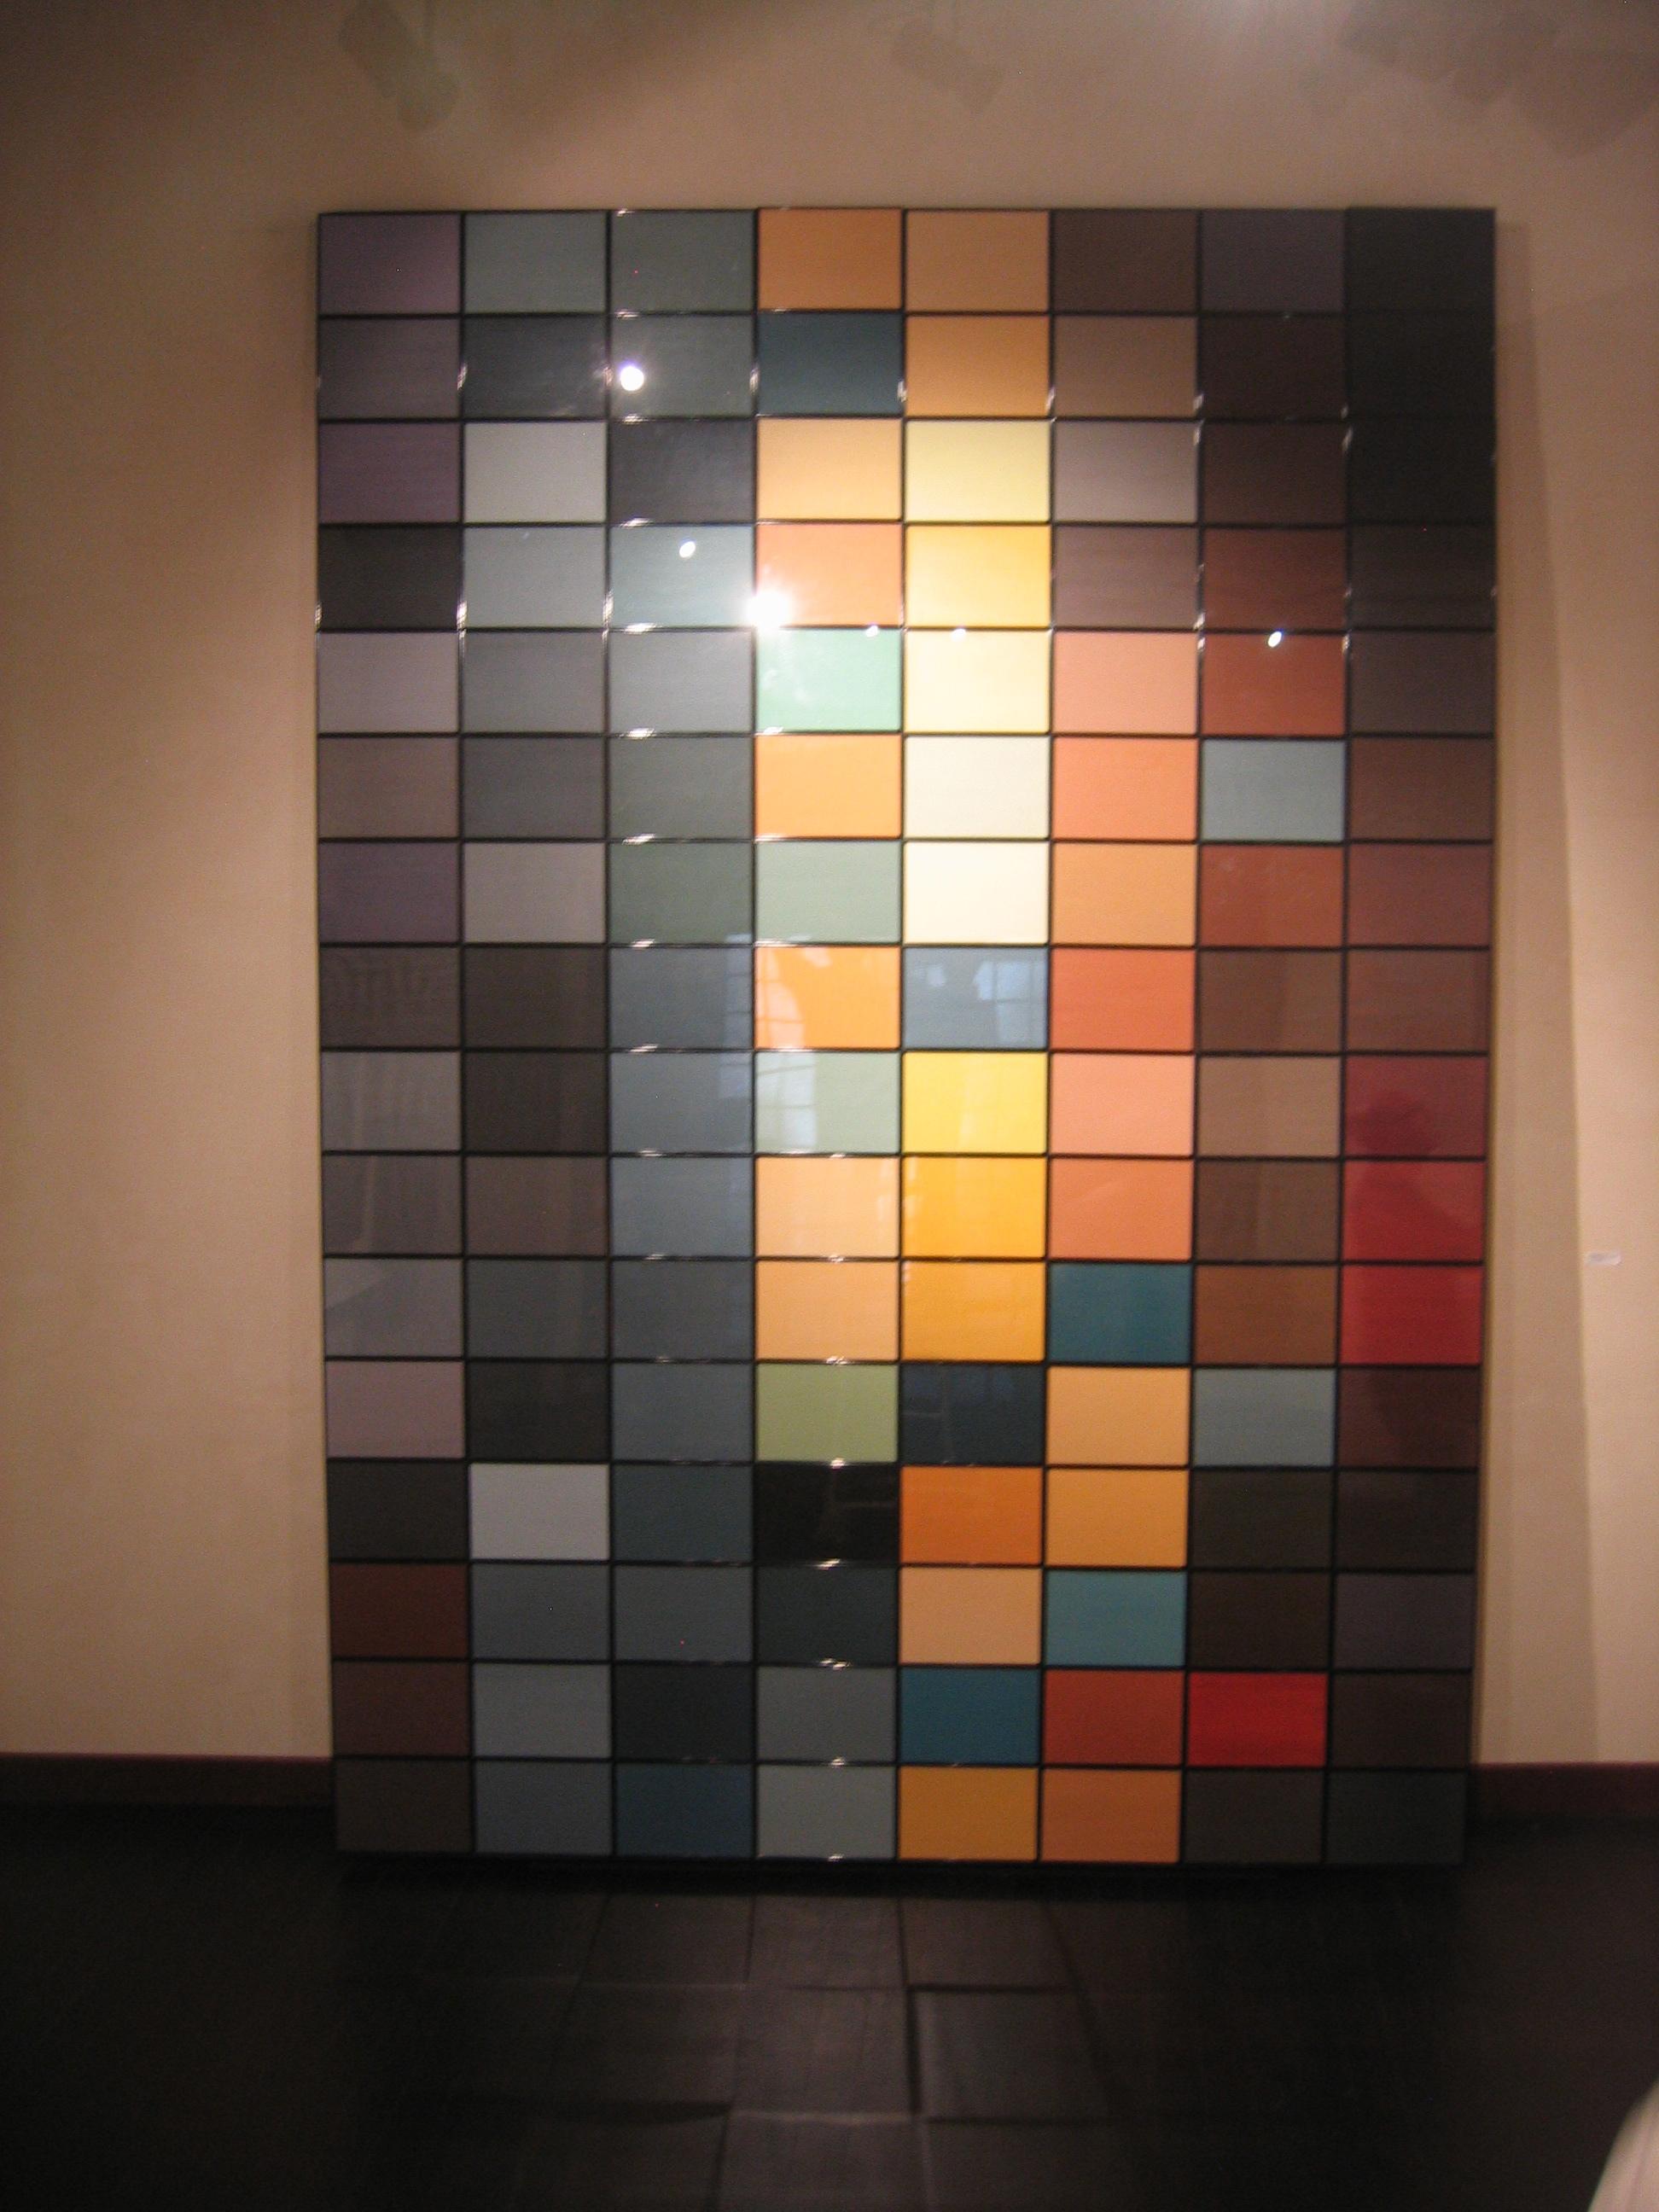 Salvatore Falci, 2013, Algoritmo 128, Ritratto Maria di Gioacchino, olio su tela, 128 elementi 21x29,7, tot. cm. 352x248